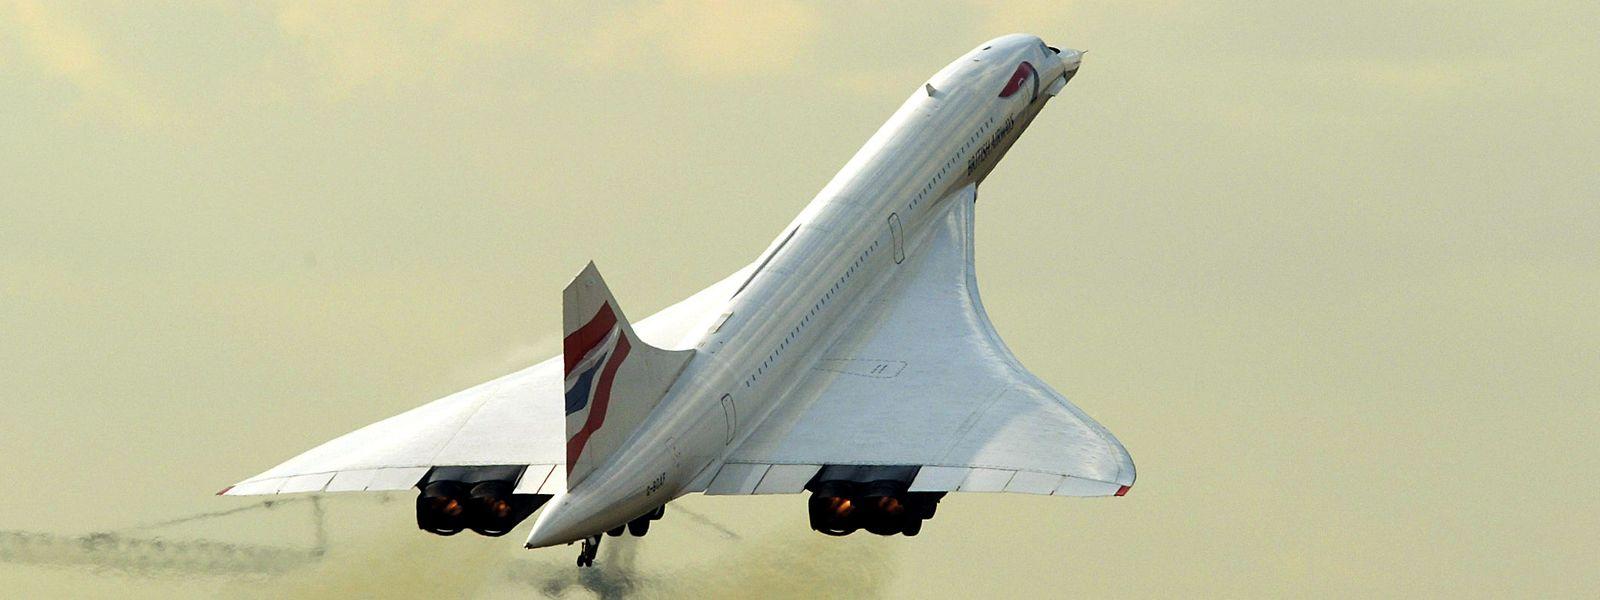 Am 24. Oktober 2003 hebt eine Concorde vom Flughafen London Heathrow ab, bevor der Betrieb der kostspieligen Zivilmaschinen am 26. November des gleichen Jahres schließlich eingestellt wird.